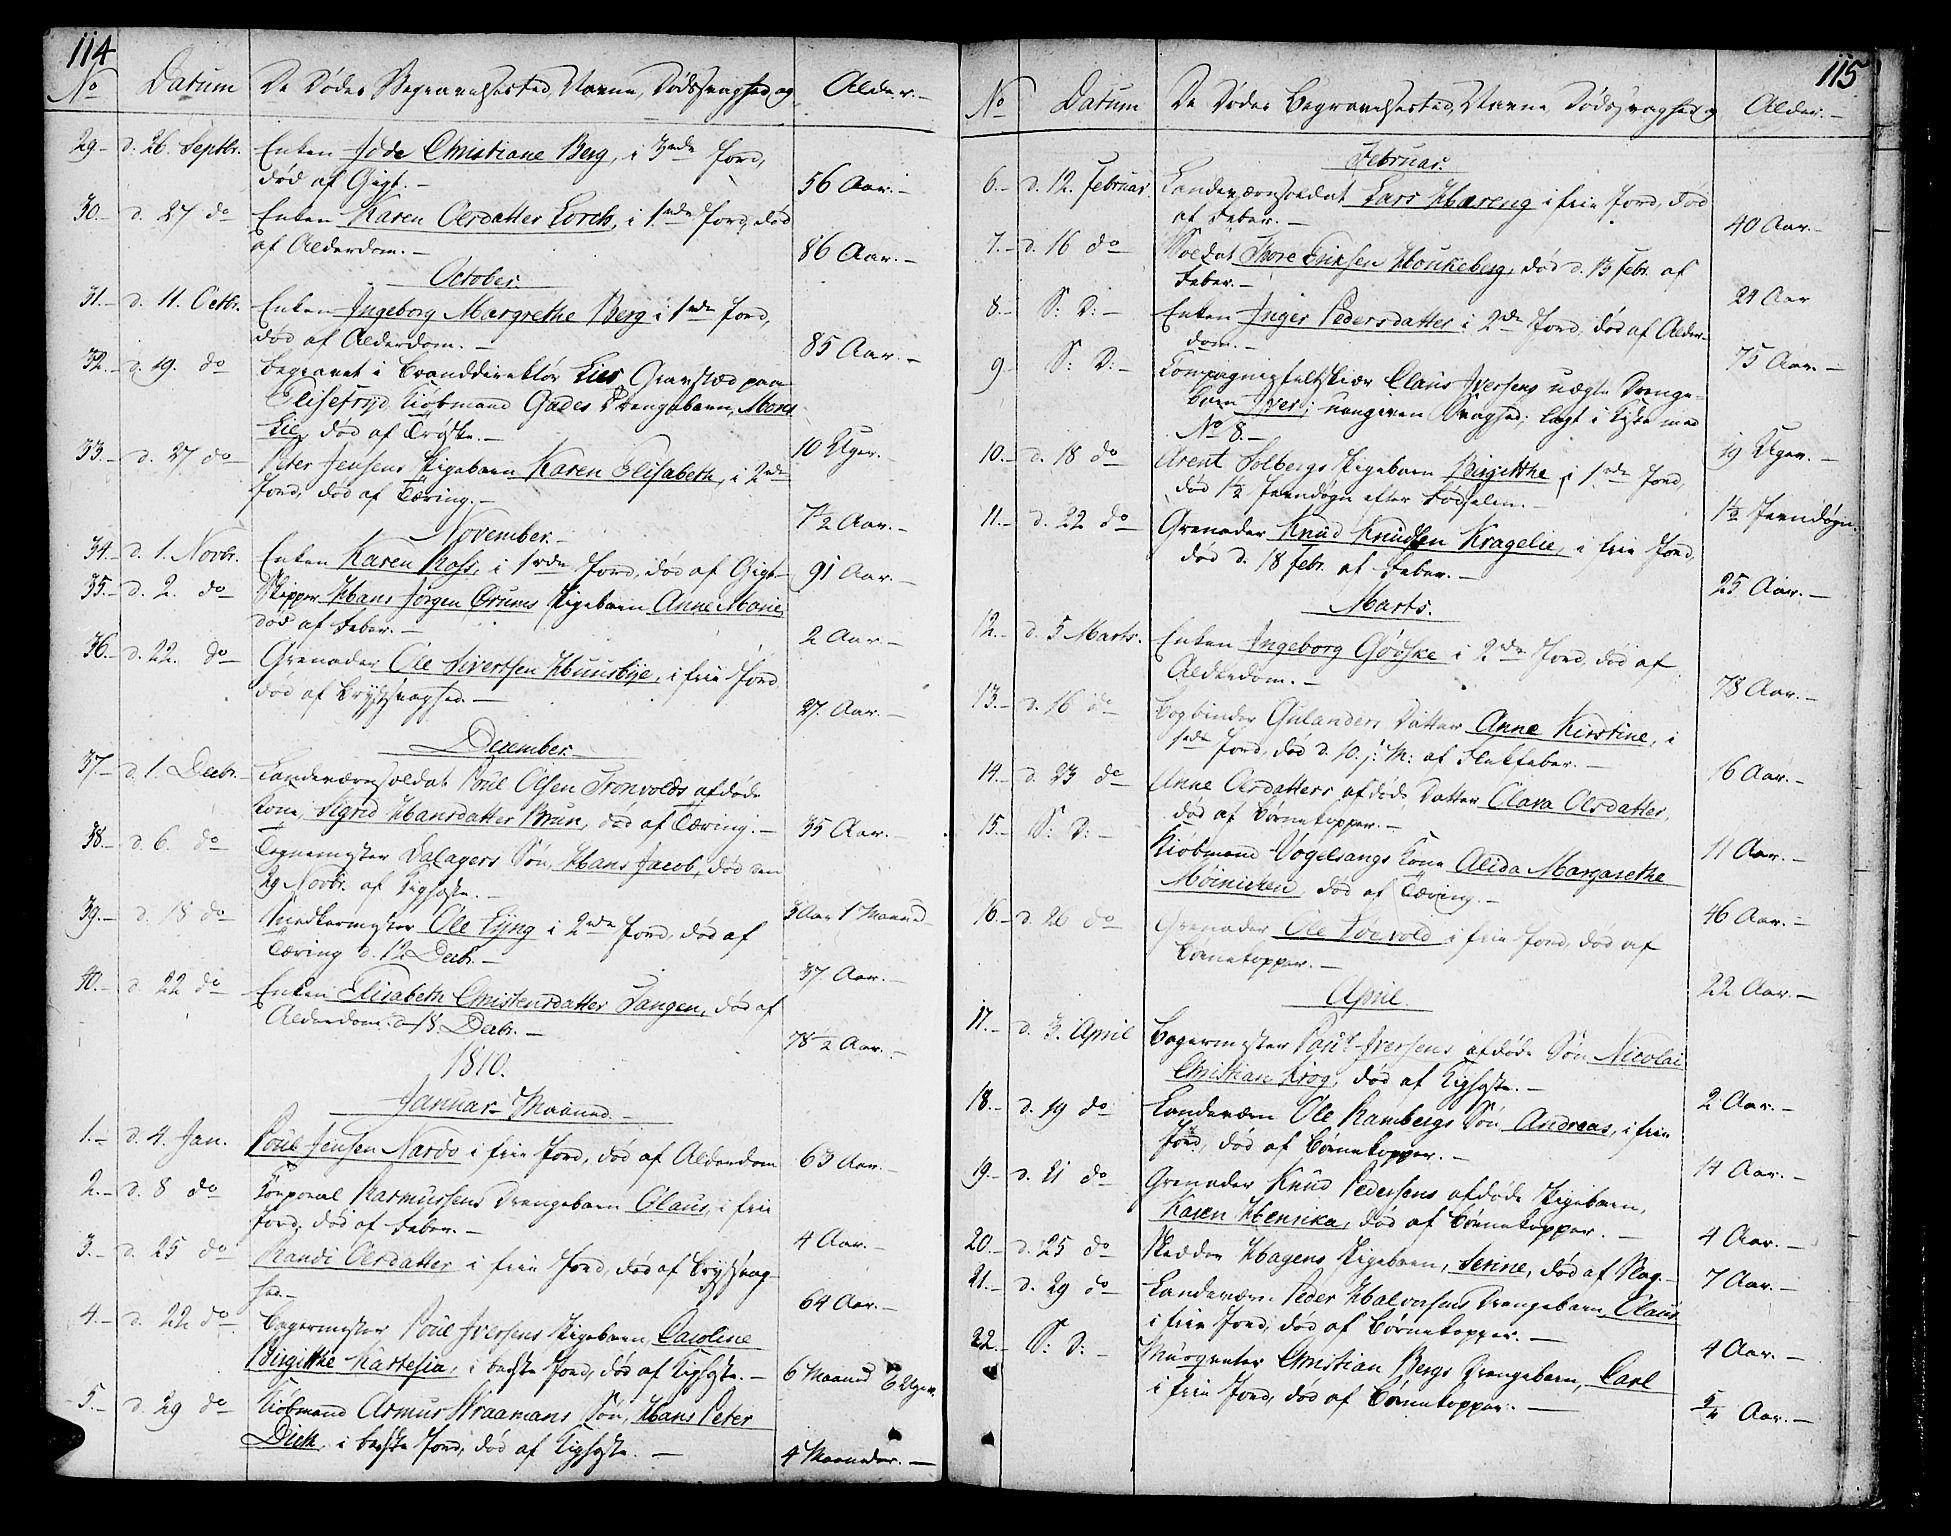 SAT, Ministerialprotokoller, klokkerbøker og fødselsregistre - Sør-Trøndelag, 602/L0106: Ministerialbok nr. 602A04, 1774-1814, s. 114-115